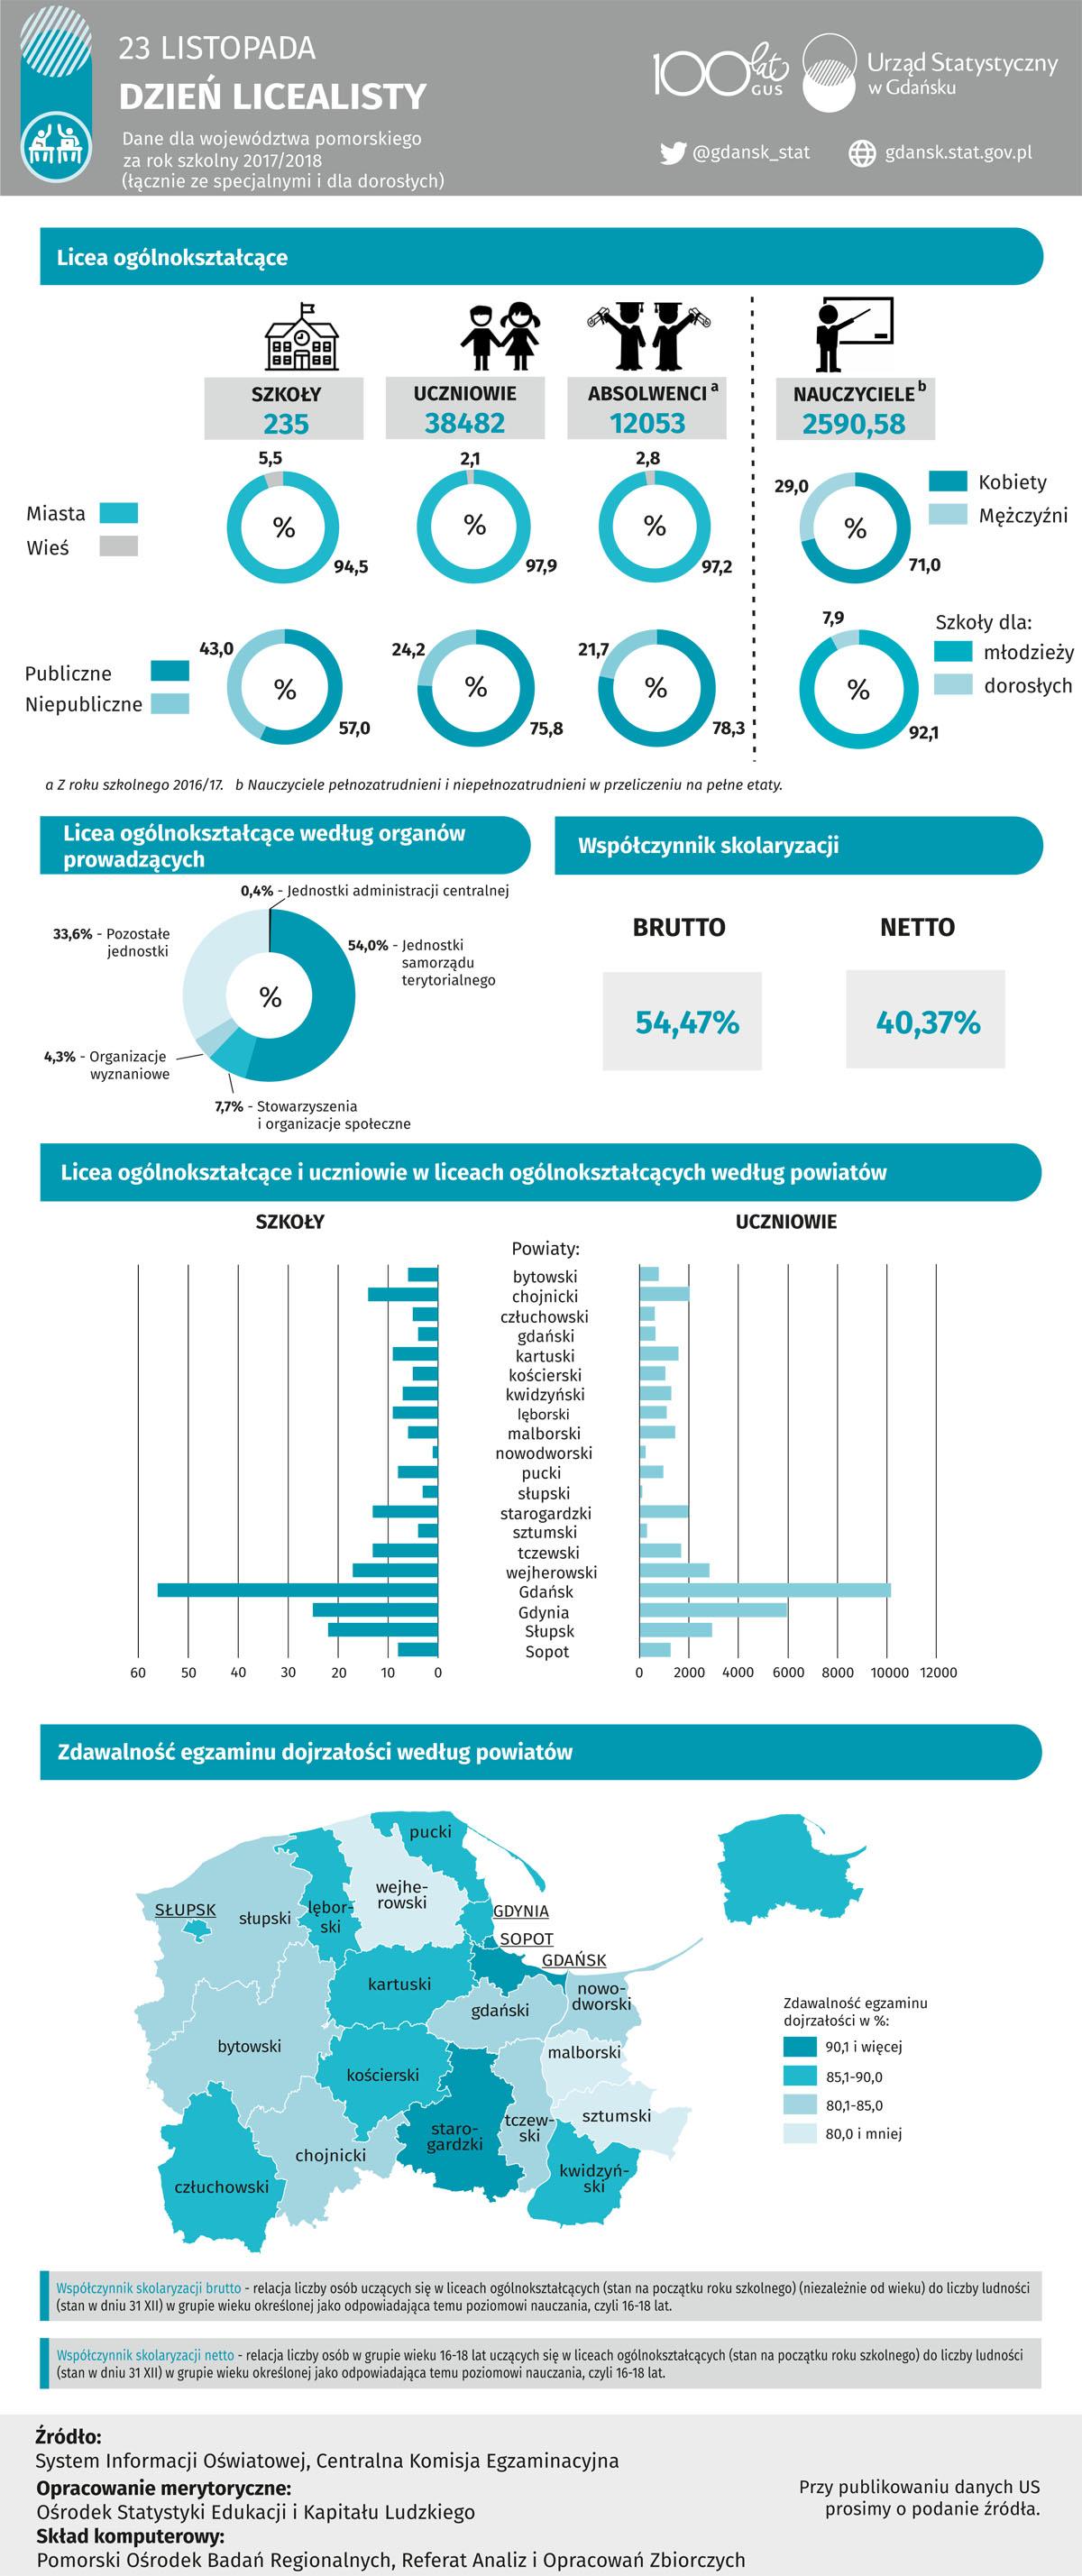 Infografika Urzędu Statystycznego w Gdansku